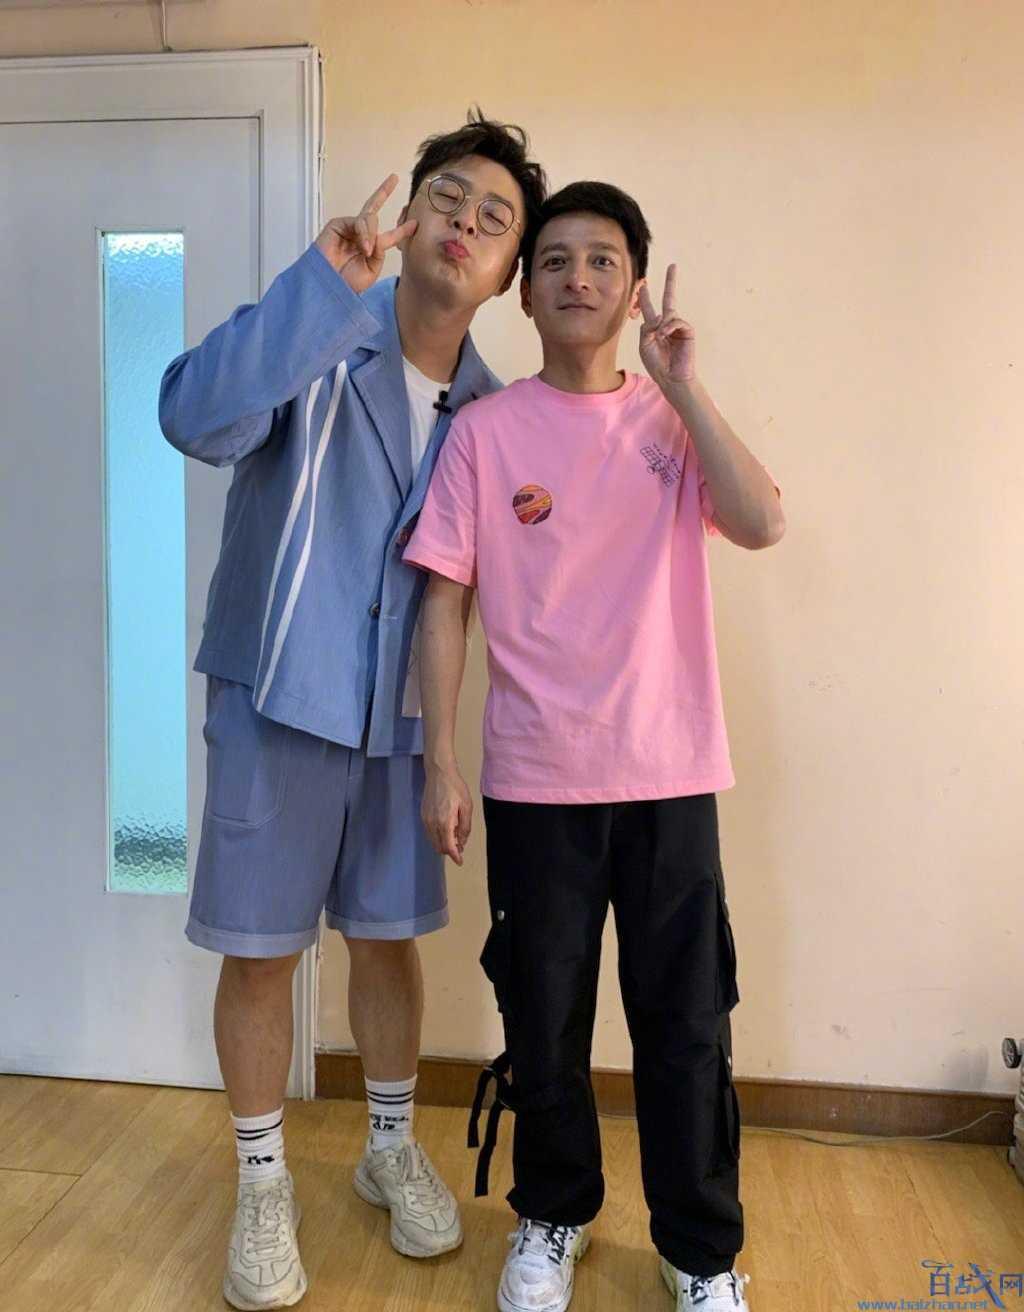 杜海涛瘦身成功初露小哥哥气质,和维嘉比耶兄弟情深意味足